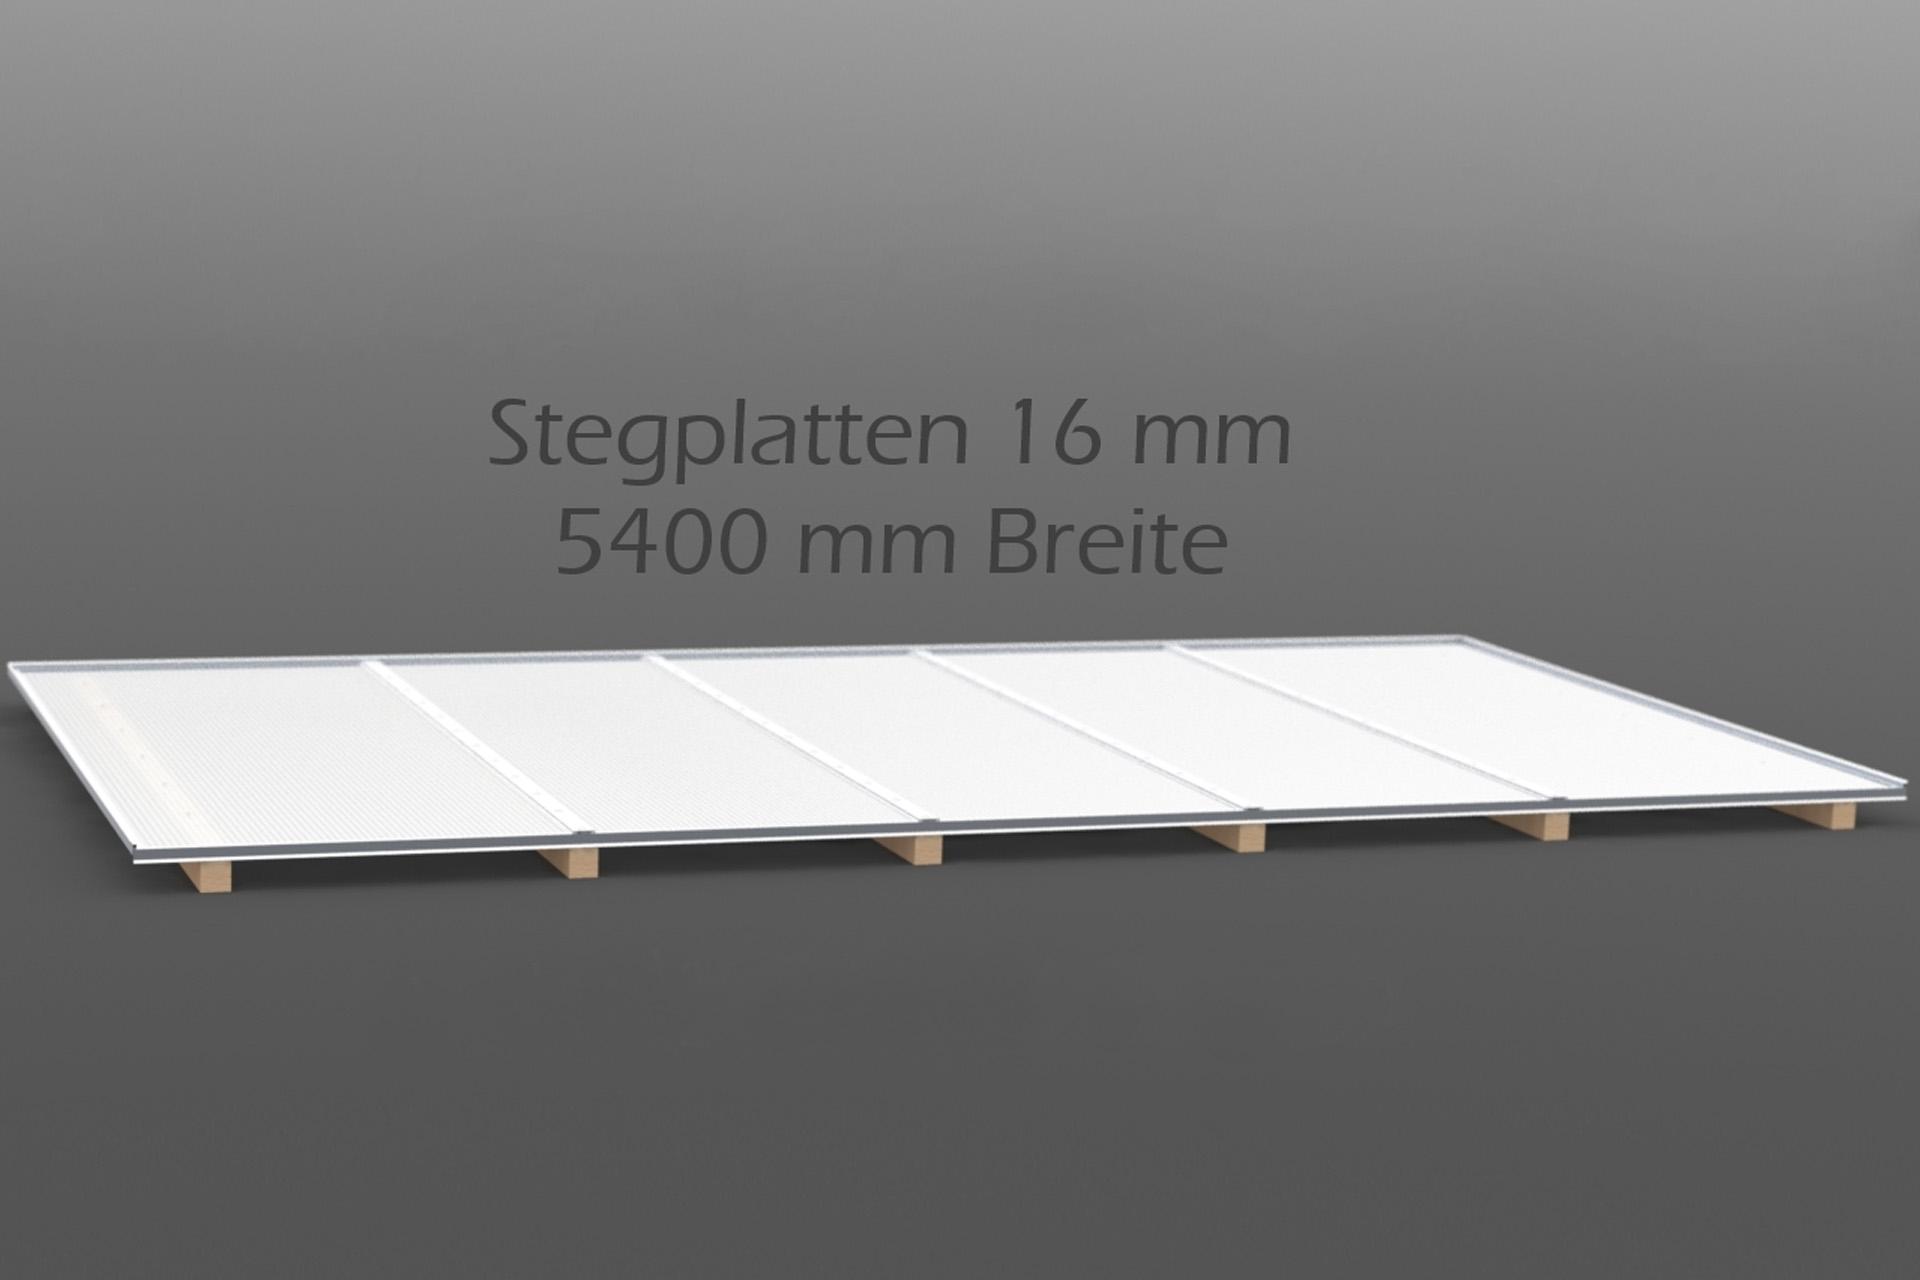 Dachhaut Stegplatten 16 mm in 5400 mm Breite